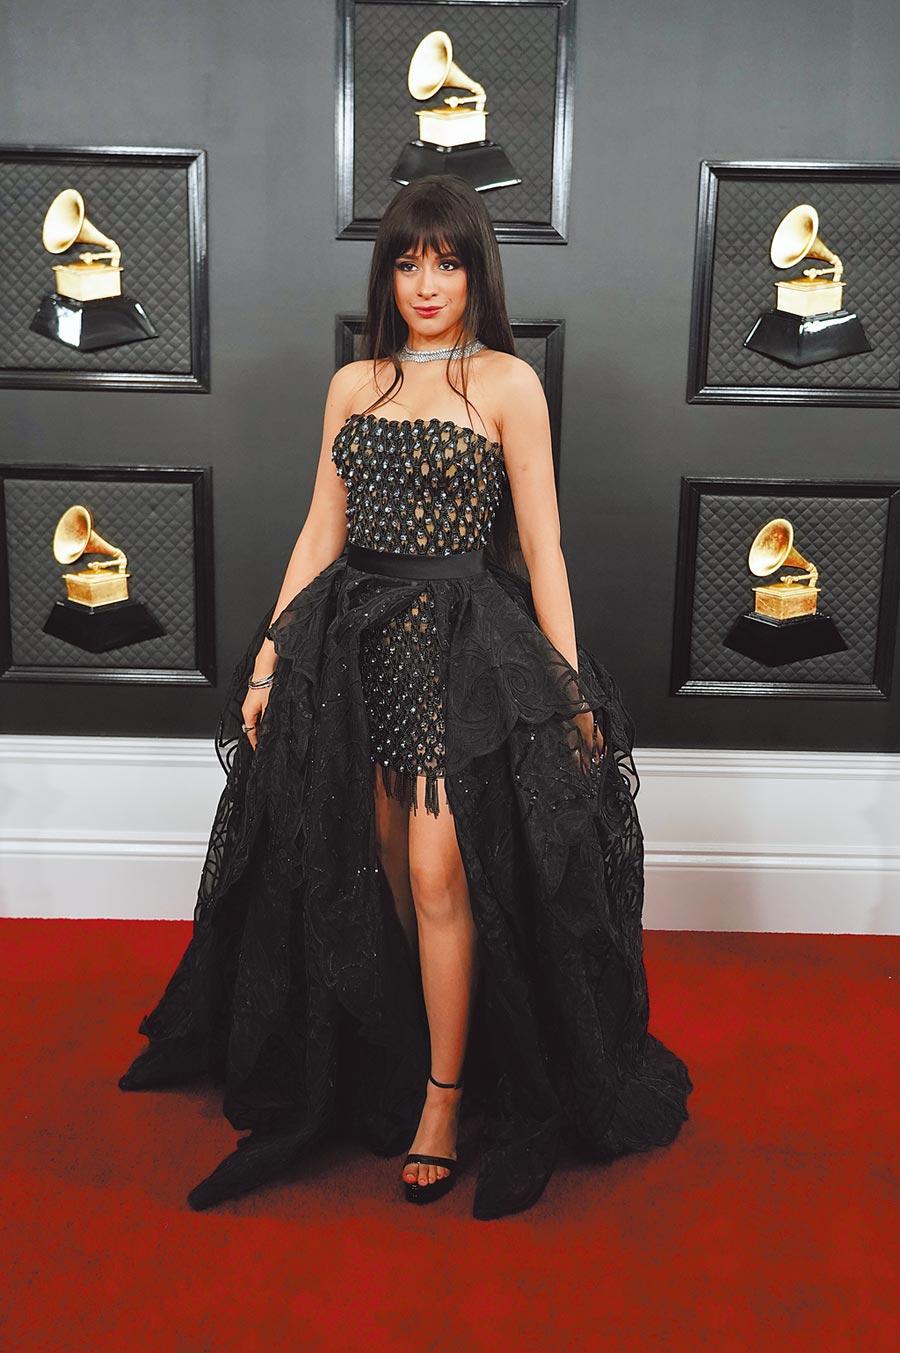 卡蜜拉卡貝羅穿Versace黑色禮服,蕾絲多層次裙襬使用圍裙方式綁在平口小洋裝上。(CFP)